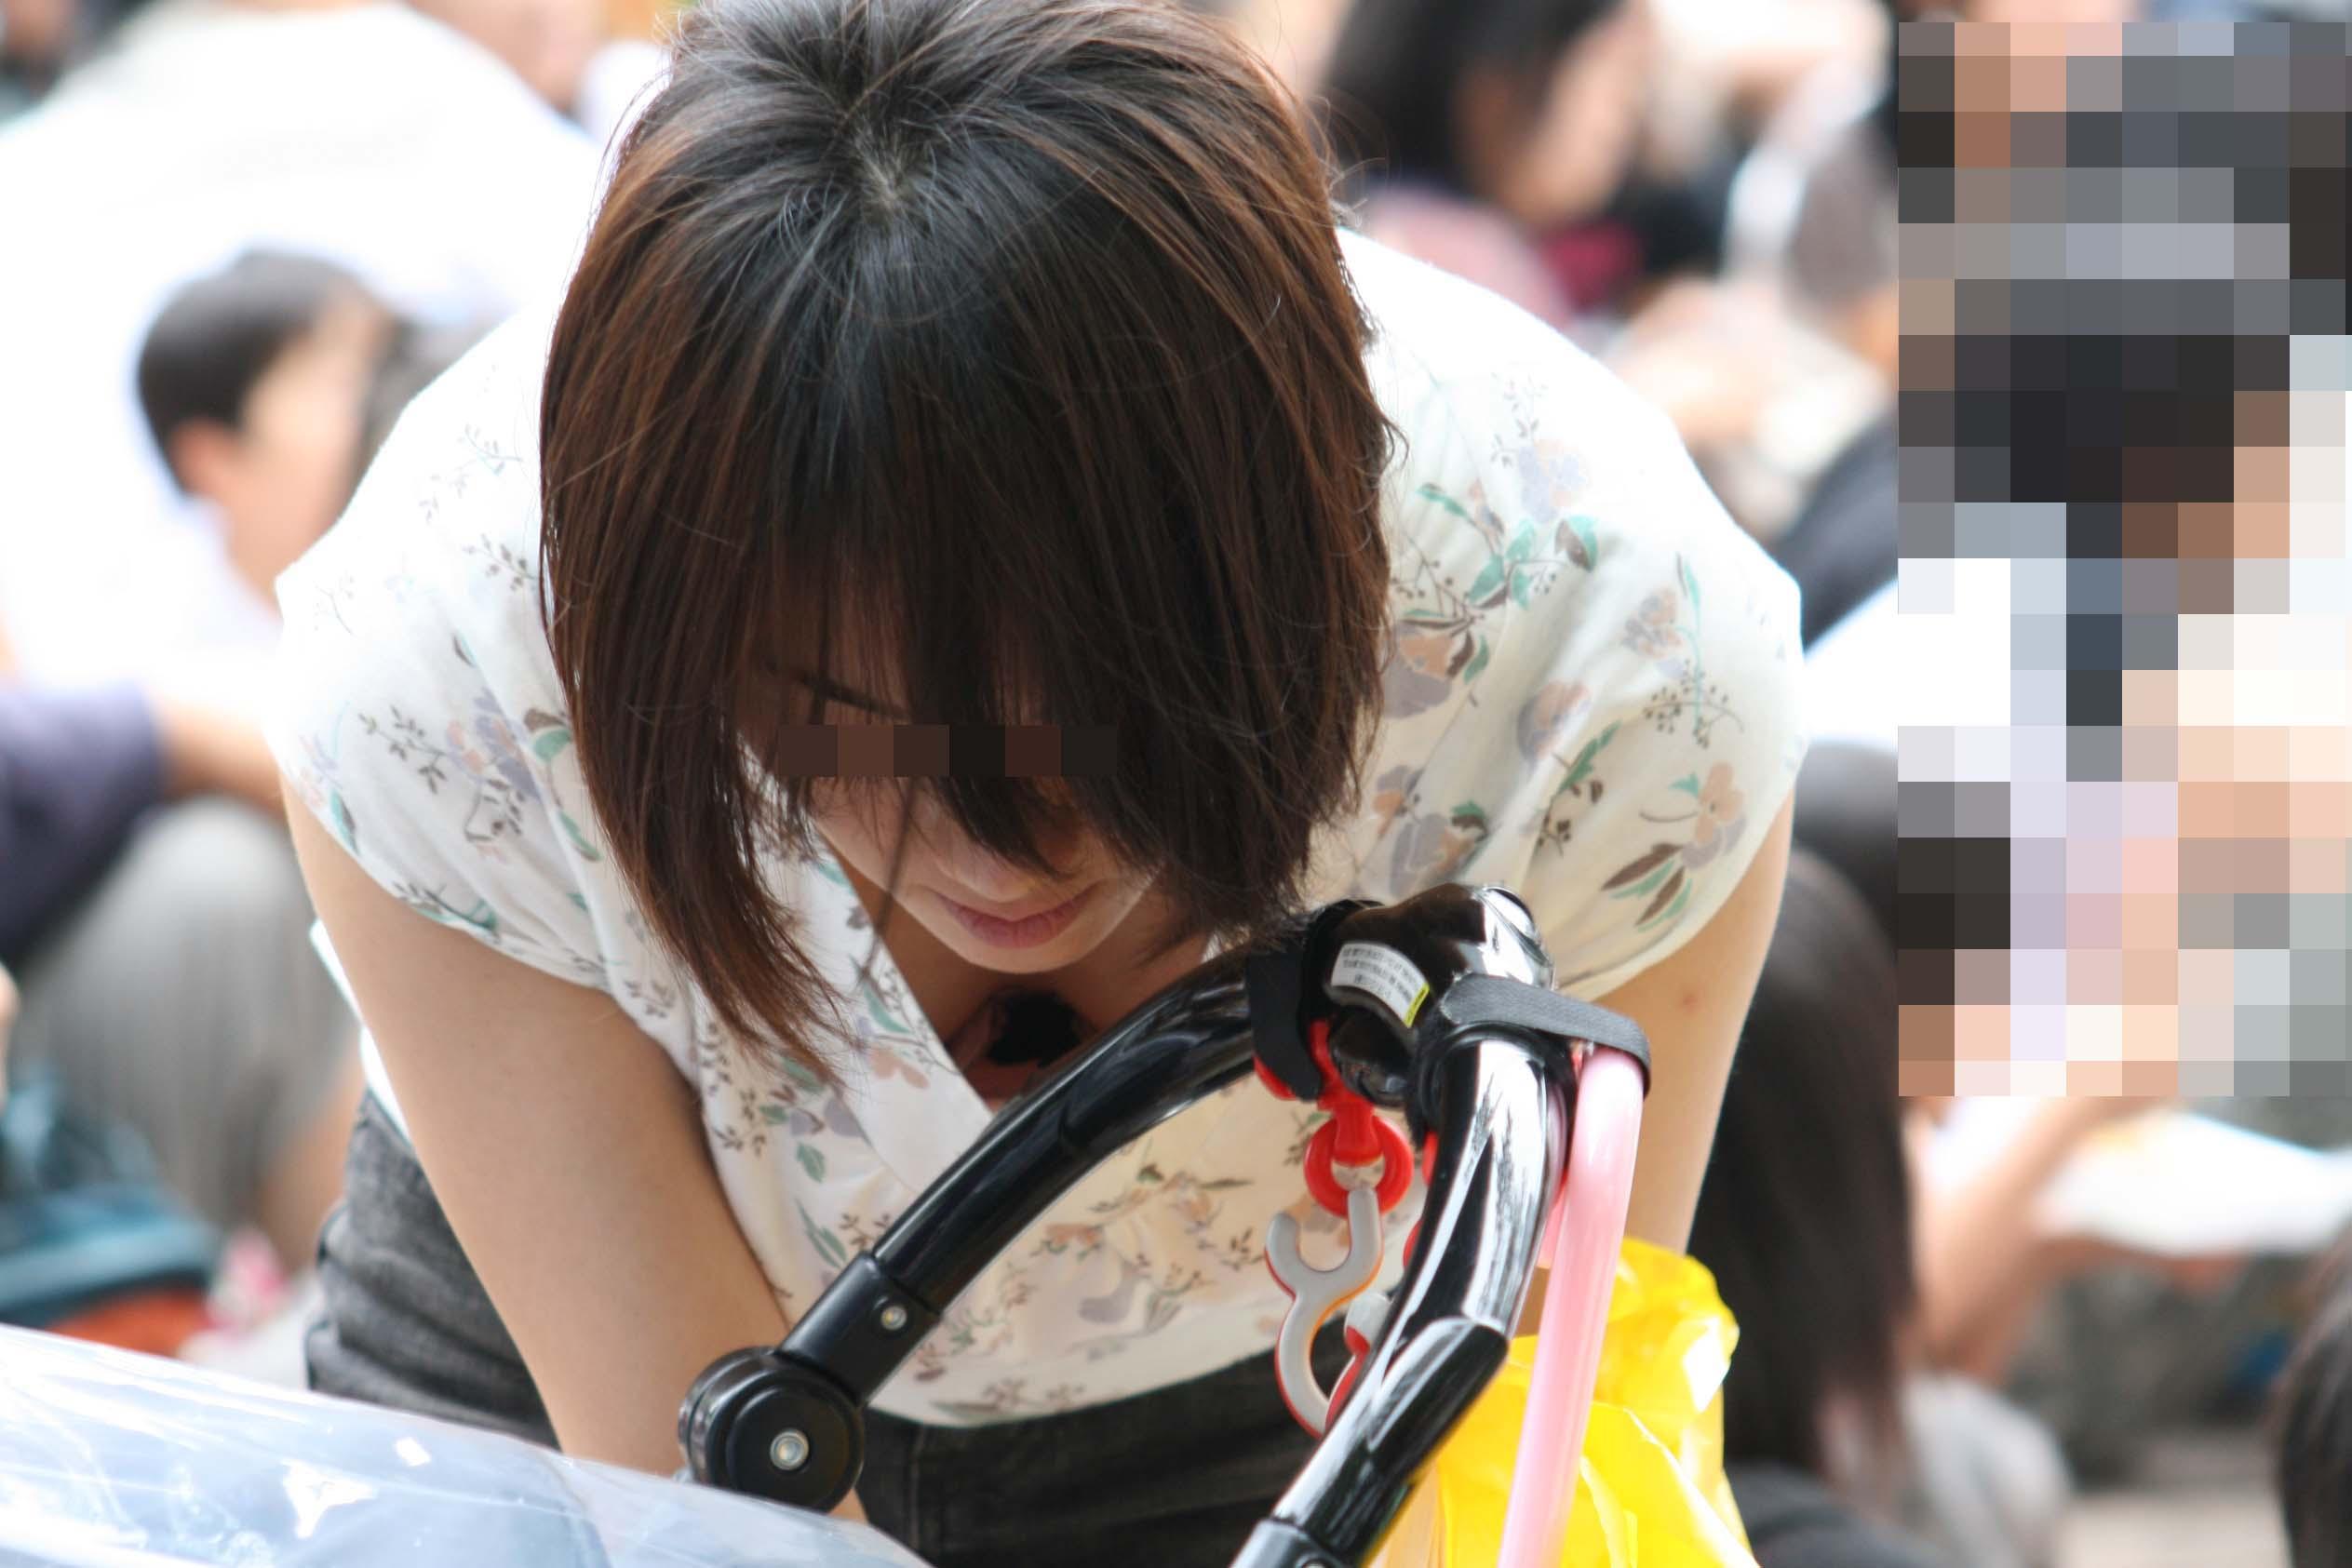 子供産んで巨乳になった素人妻wwwww街撮り胸チラおっぱいいっぱいエロ画像 1417